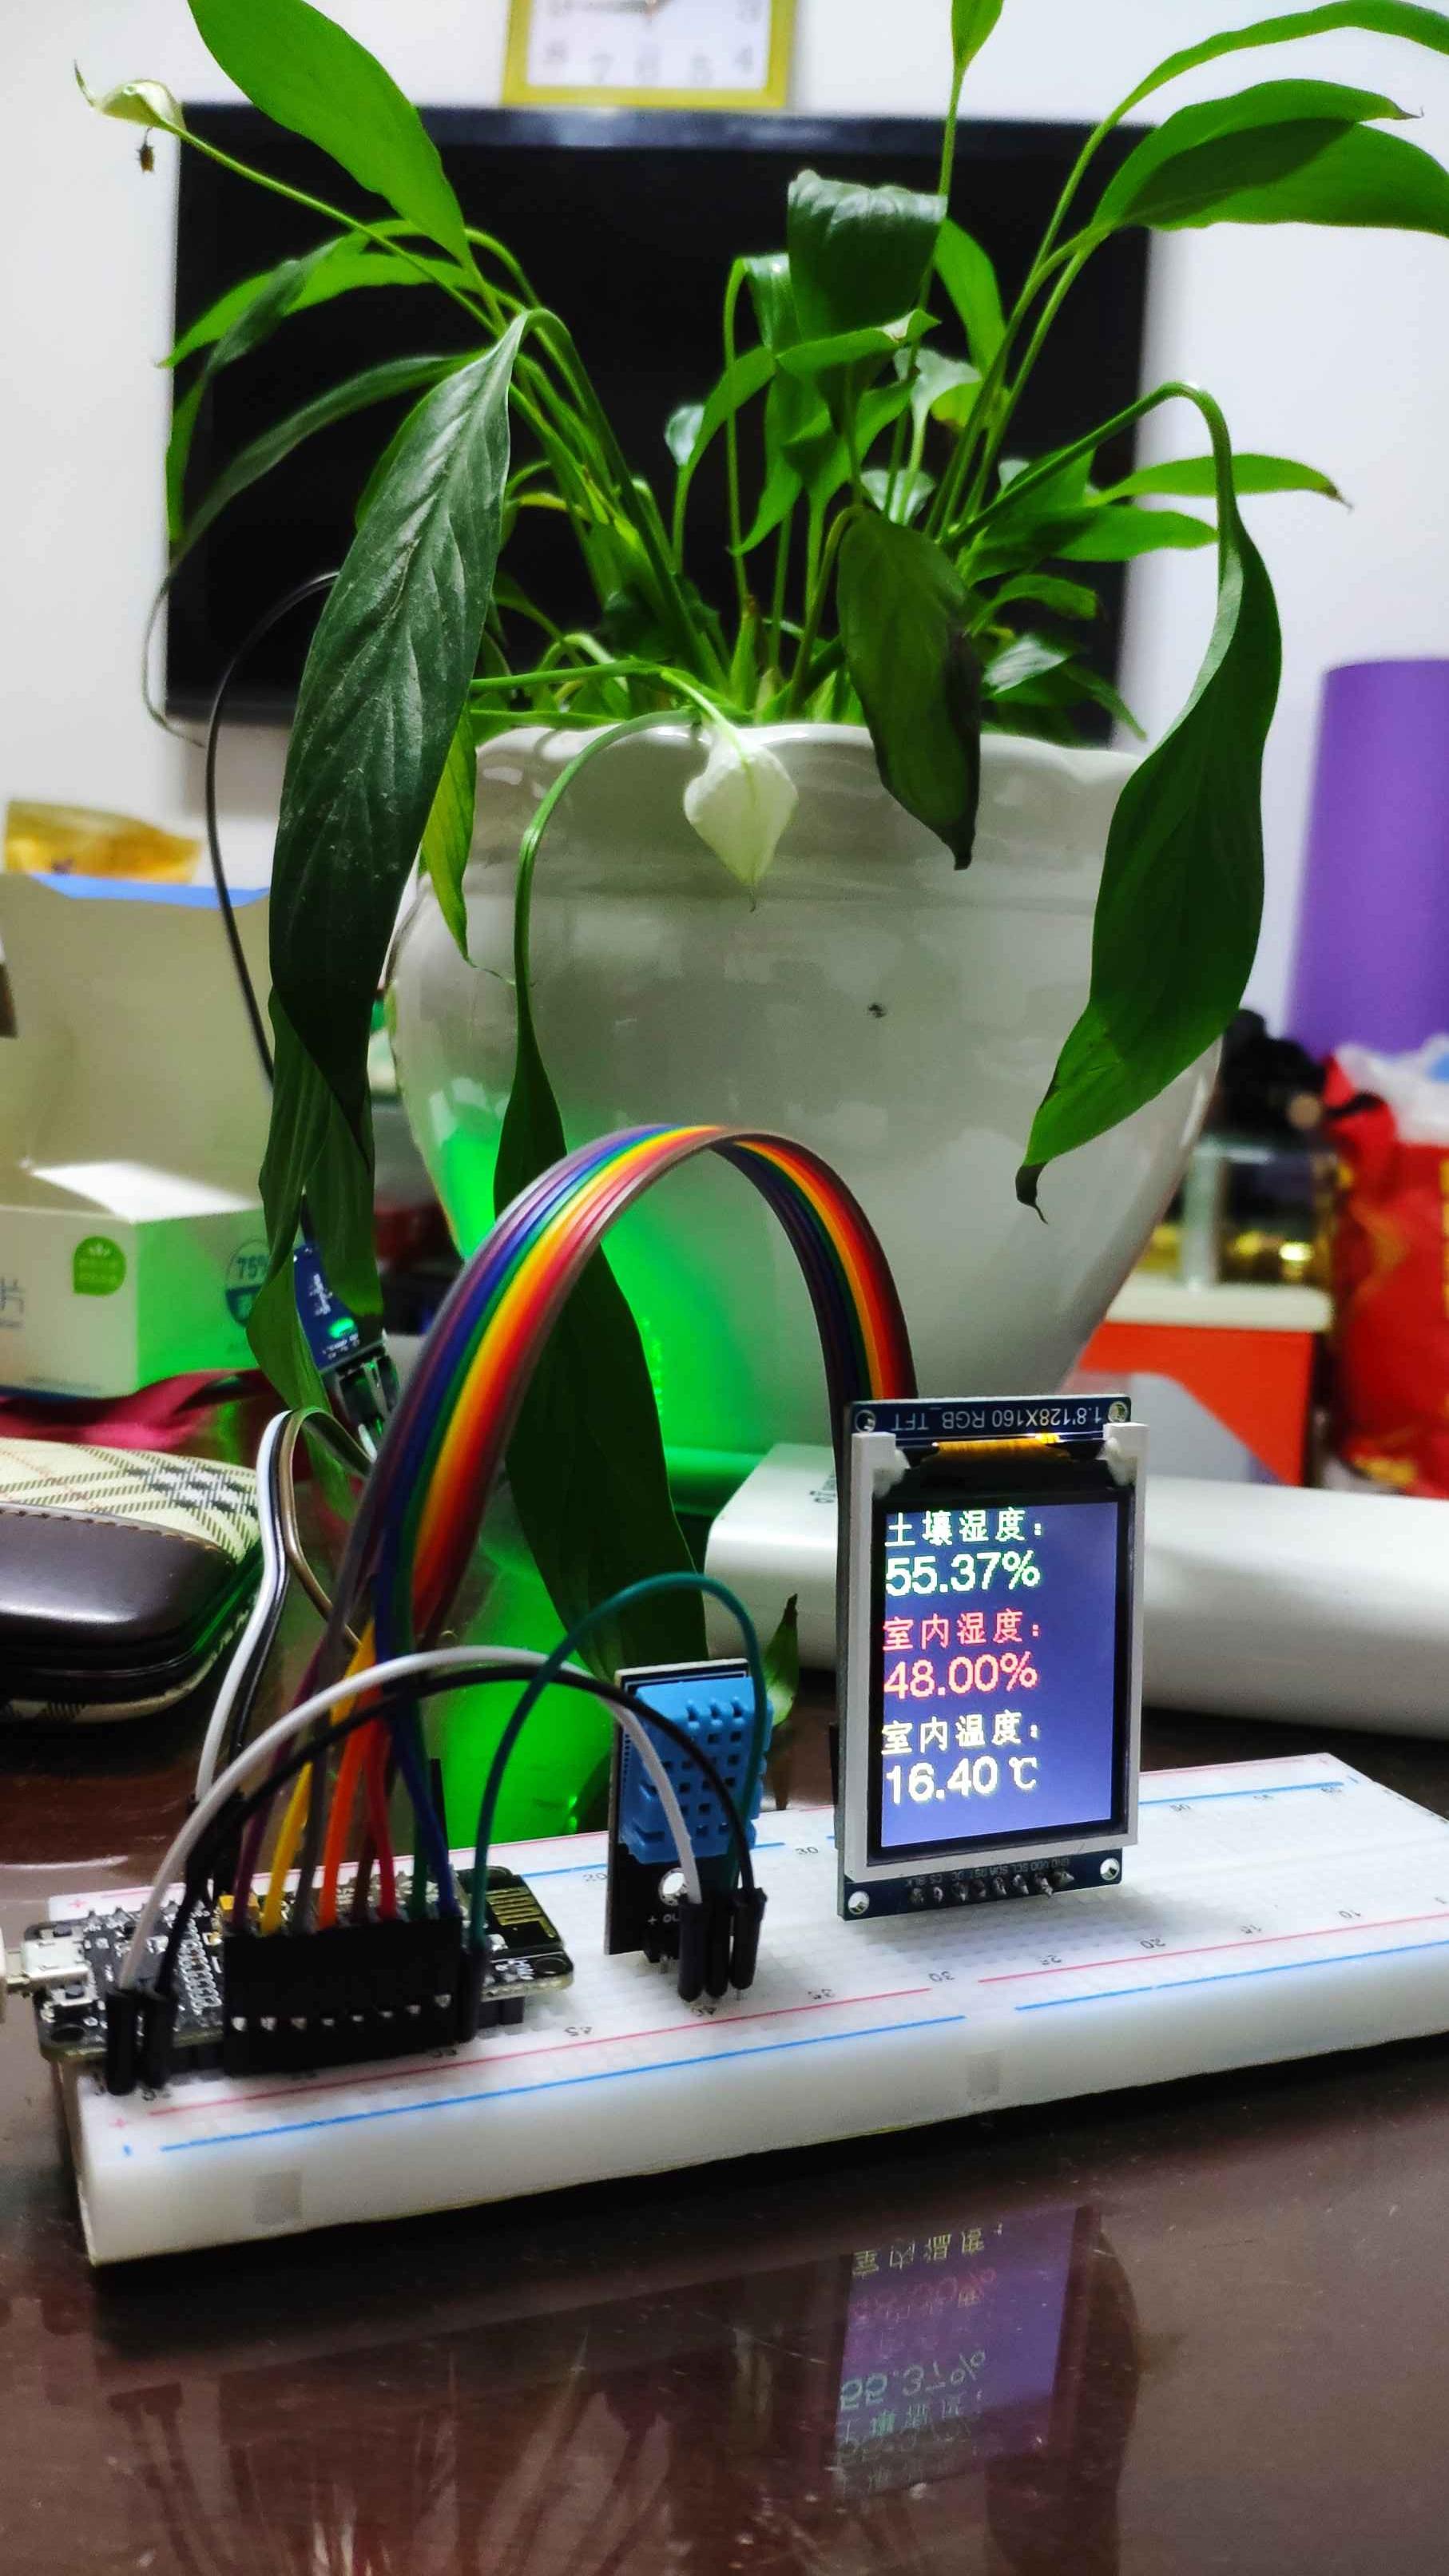 NodeMCU(esp8266)制作温湿度传感器